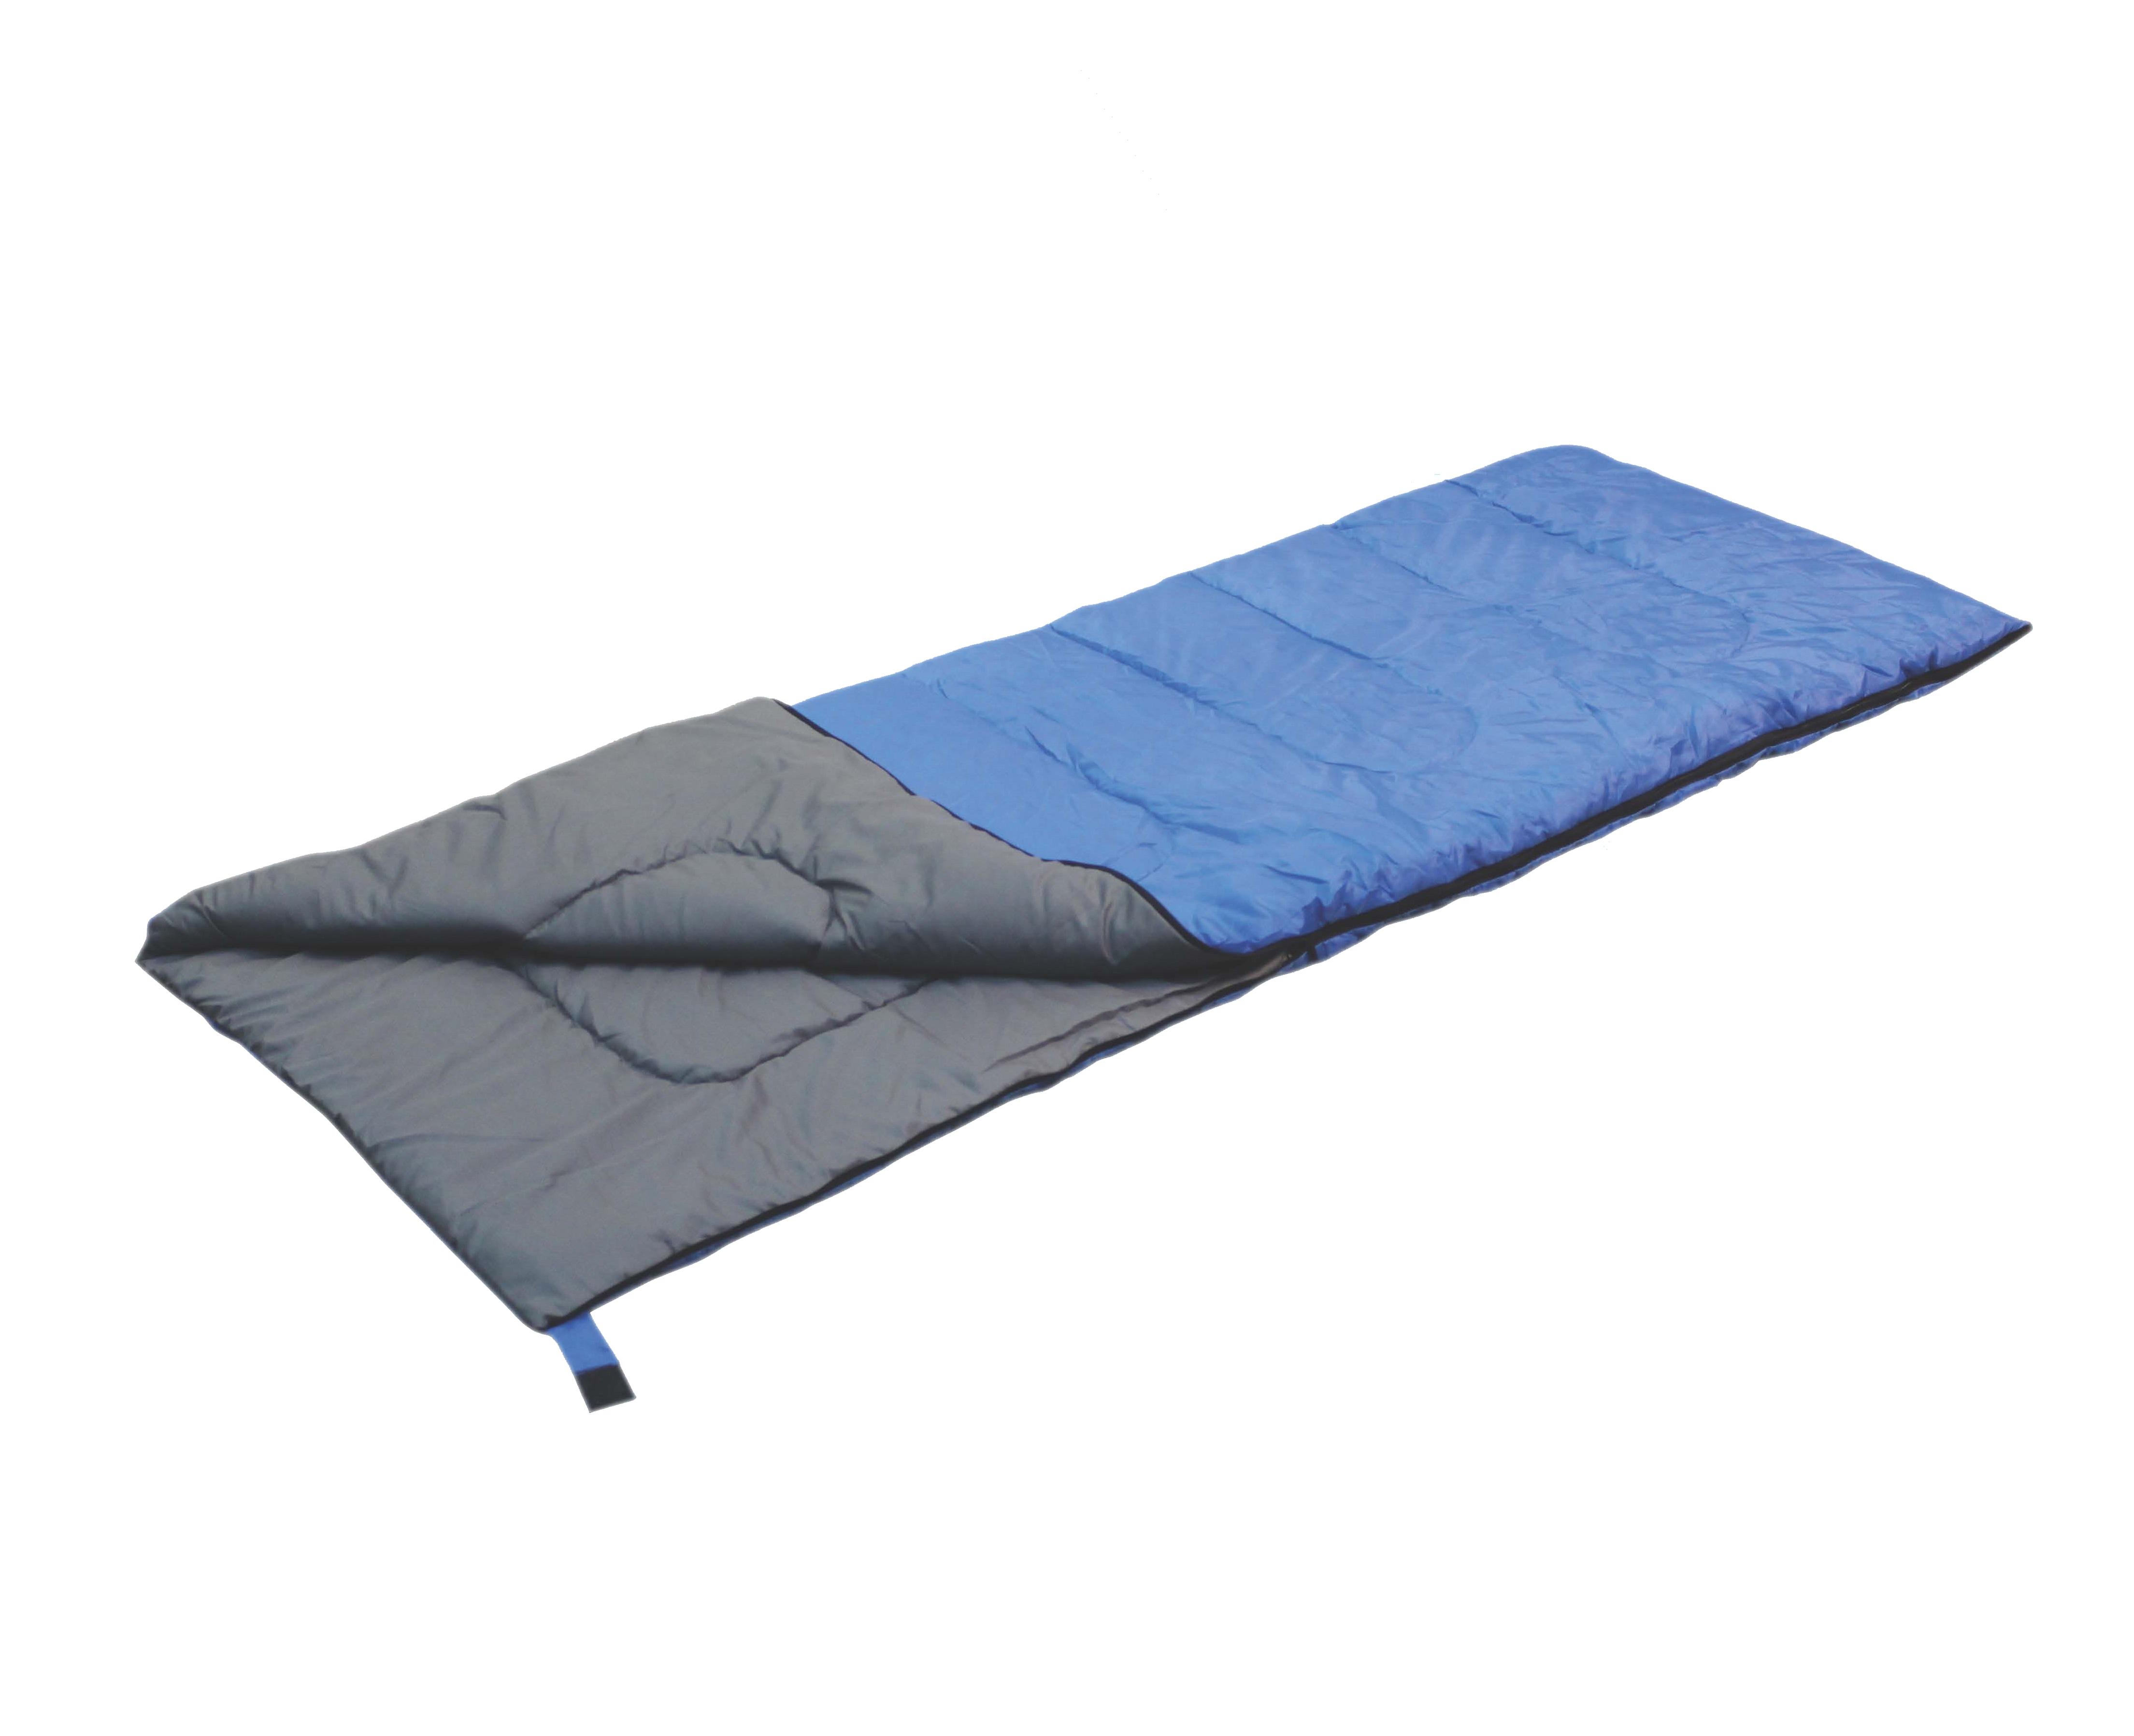 Спальный мешок-одеяло Reka, правосторонняя молния, цвет: синий, черныйSB-095Спальный мешок-одеяло Reka отлично подходит для летнего сезона в туризме и активного отдыха на природе.Комплектуется компактным чехлом.Размер: 200 х 75 см.Материал наружный: 190T полиэстер с PA покрытием.Материал внутренний: Полиэстер, хлопок.Наполнитель: 200гр./м2 холлофайбер.Температурный режим: до +10 С.Вес: 1 кг.